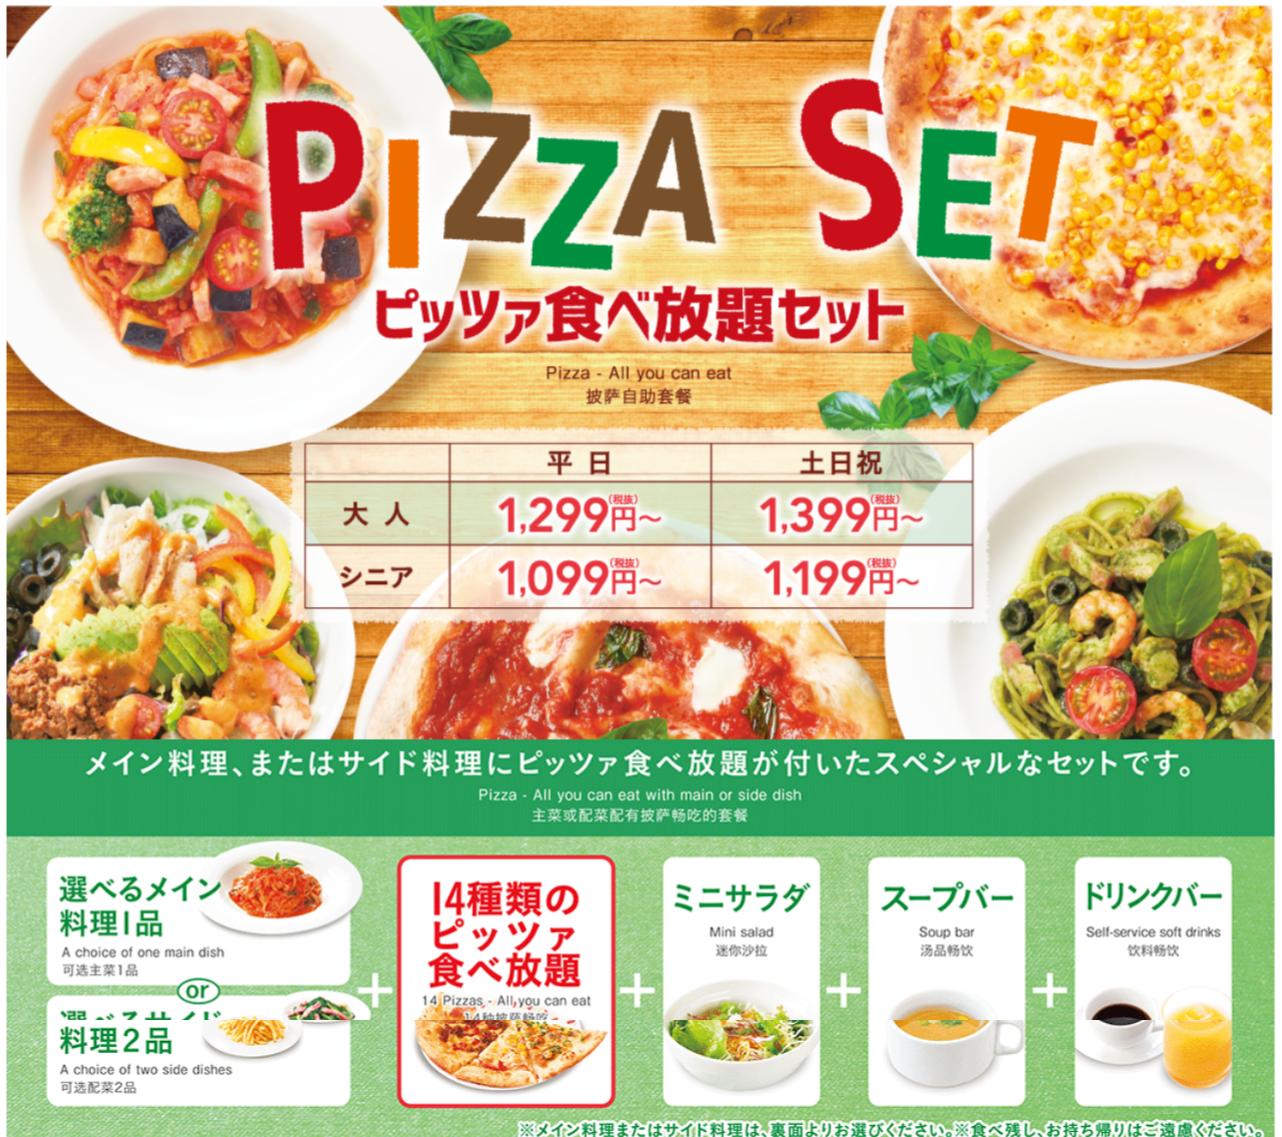 ピザ食べ放題金額